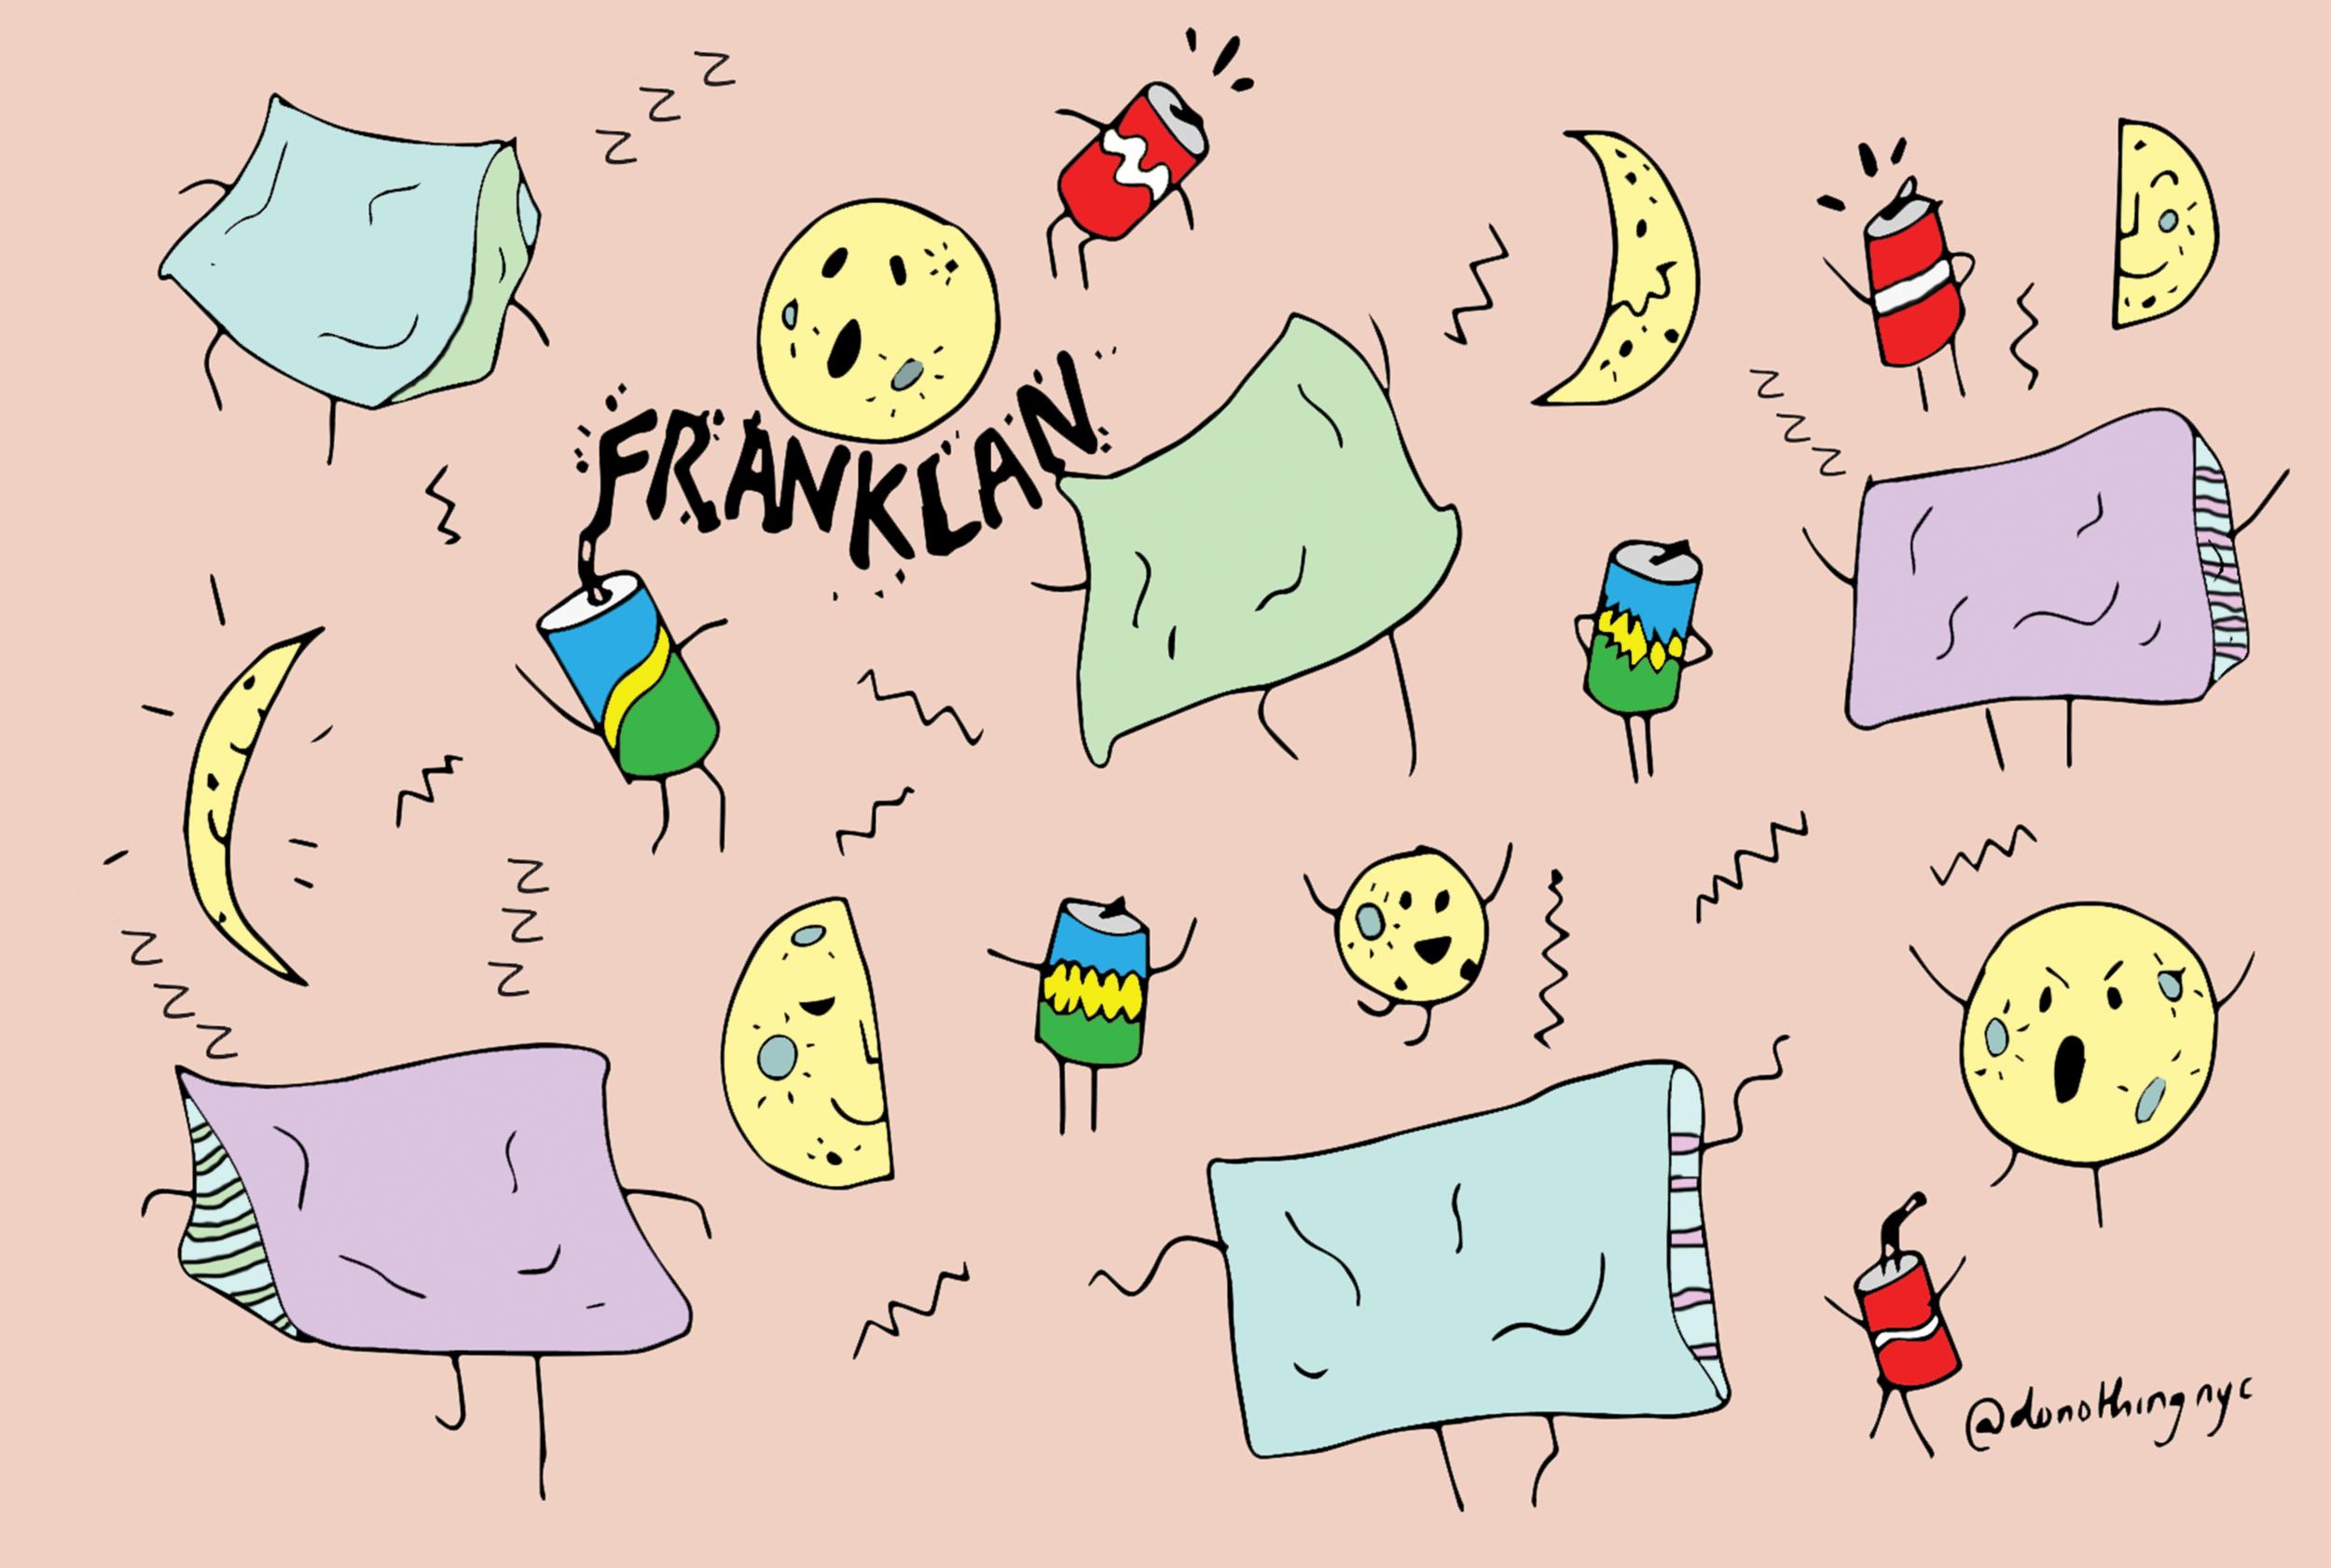 Franklan-commission.png